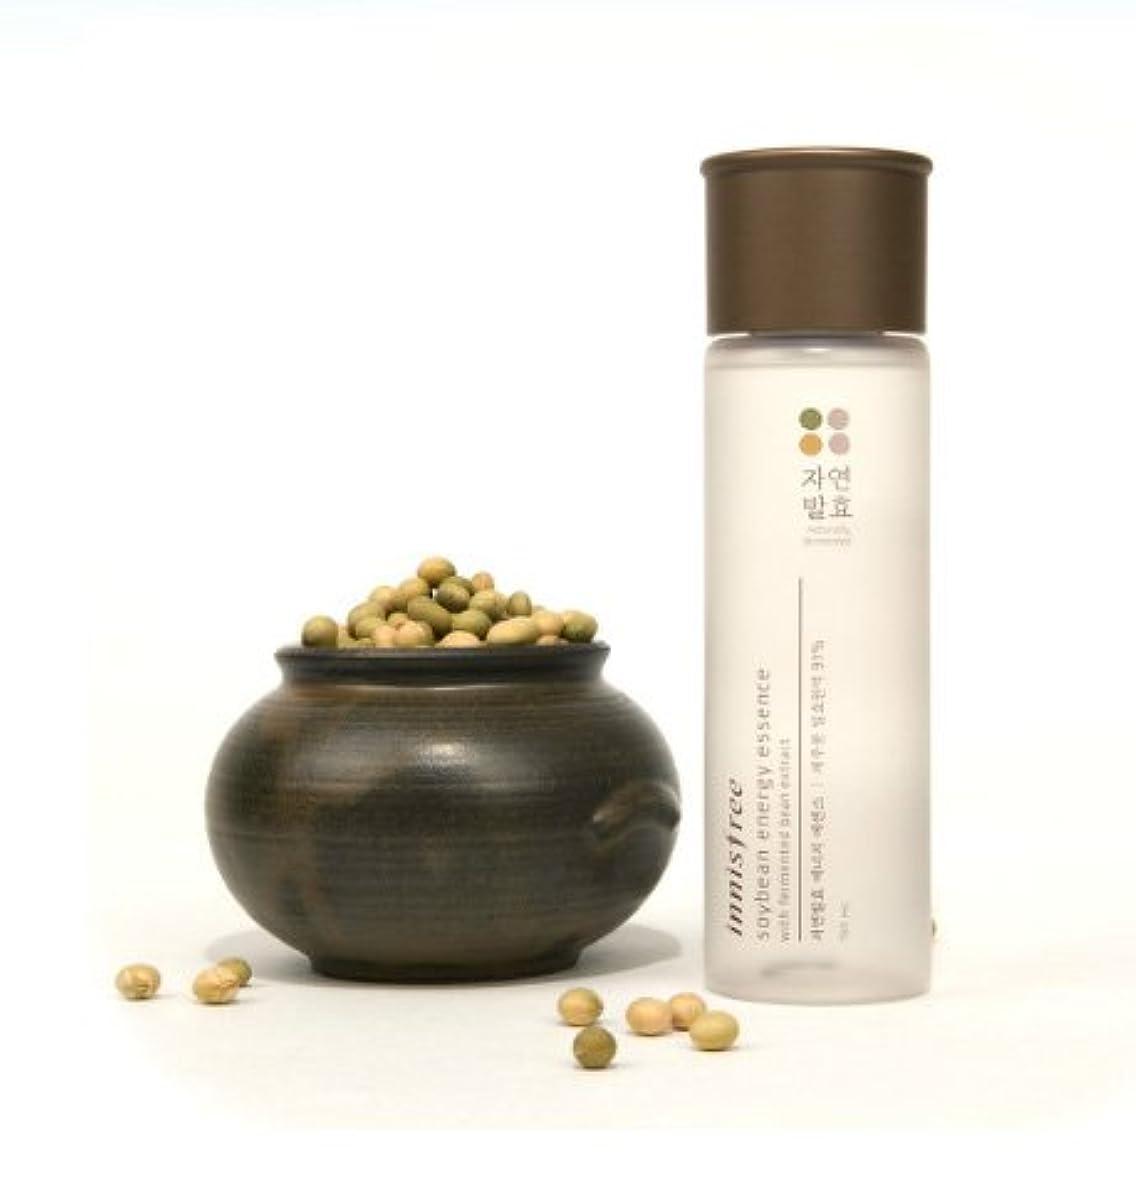 検出器プレゼンテーション公平な(Innisfree イニスフリー) Soybean energy essence 自然発酵 エナジー エッセンス 美容液 肌のバリア機能を強化し、健やかでパワーあふれる肌へ導くトータルケアブースター美容液